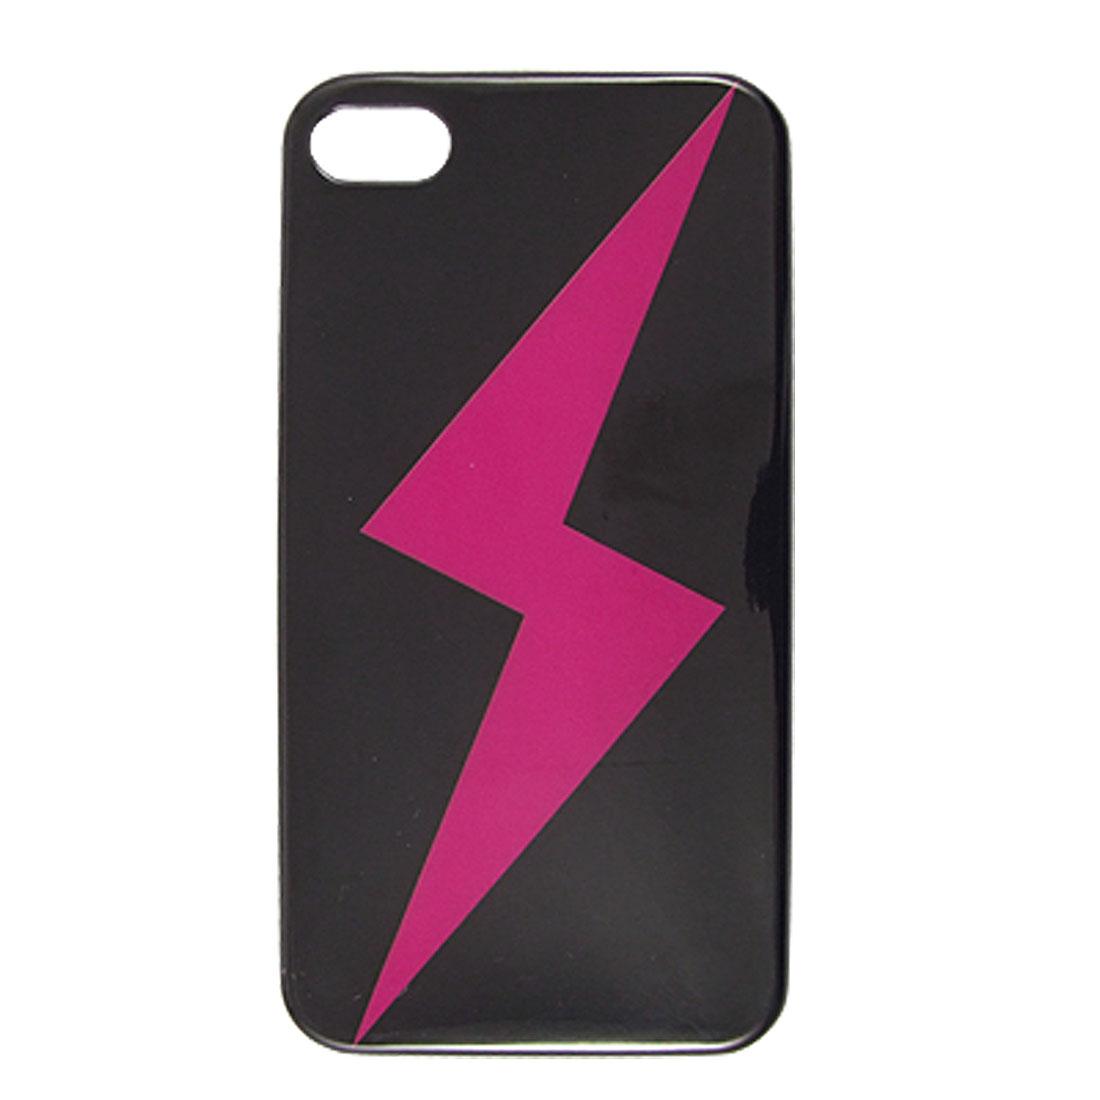 IMD Fuchsia Lightning Pattern Black Hard Plastic Back Case Cover for iPhone 4 4G